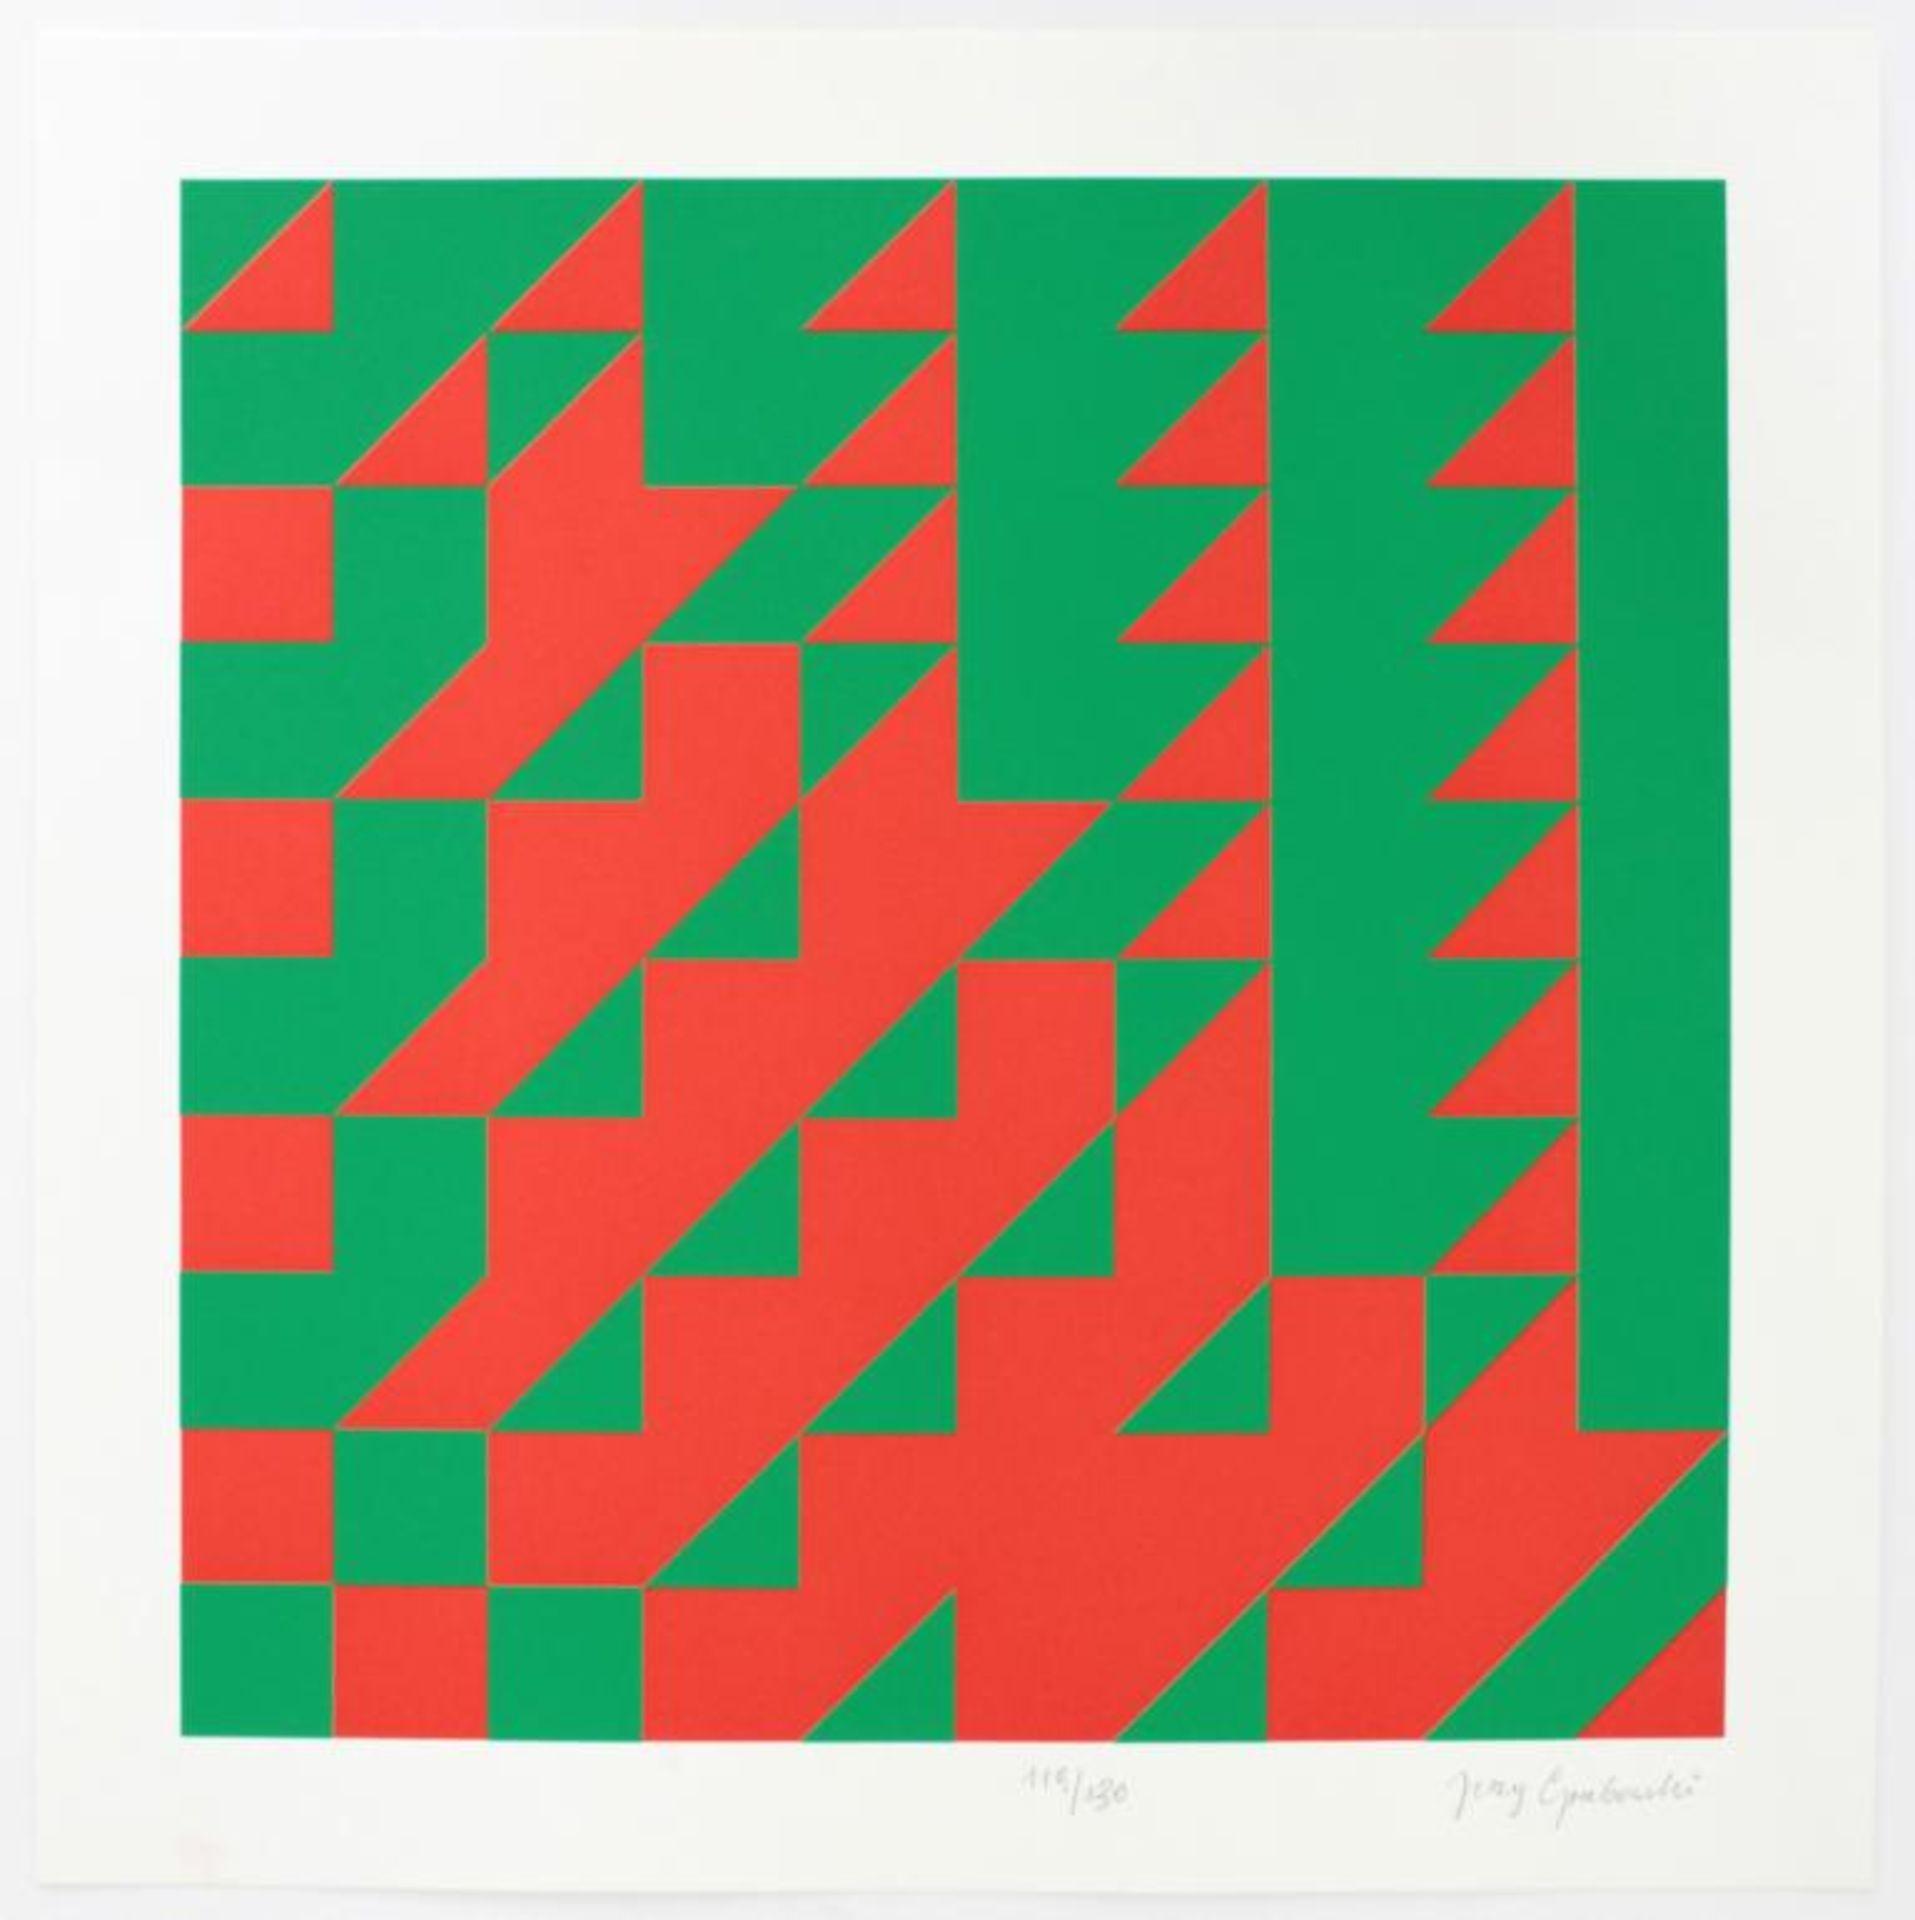 Los 6 - Grabowski Jirzy (1933-2004) Ohne Titel Siebdruck handsigniert und nummeriert 1119/130, aus dem